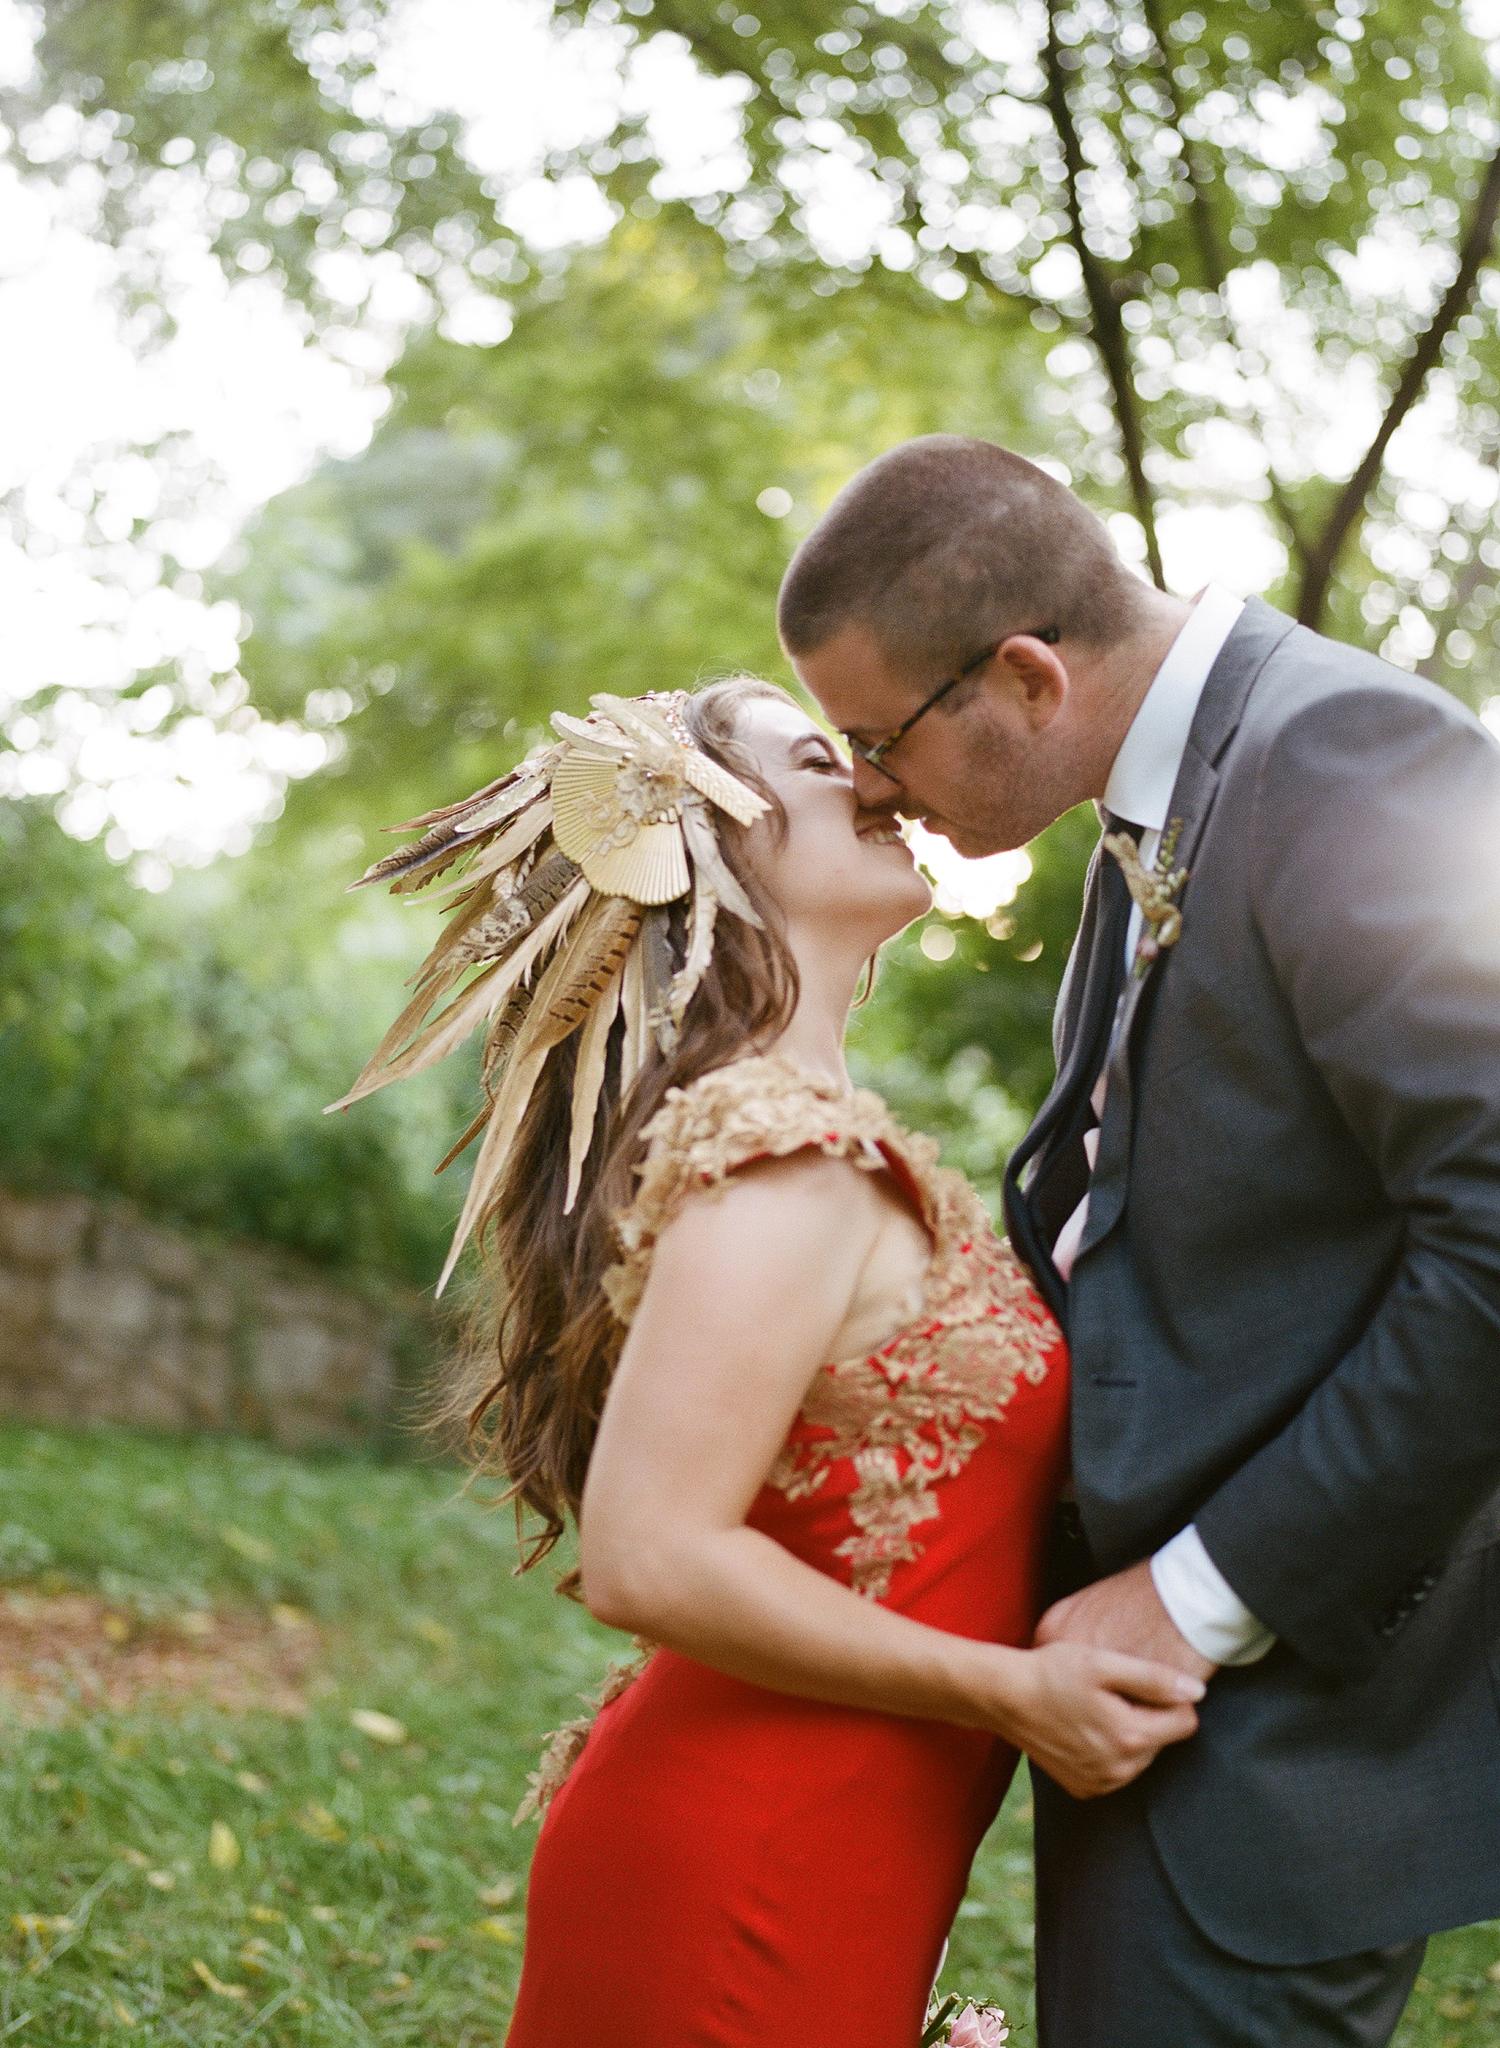 29-bride-groom-kiss-red-dress.jpg